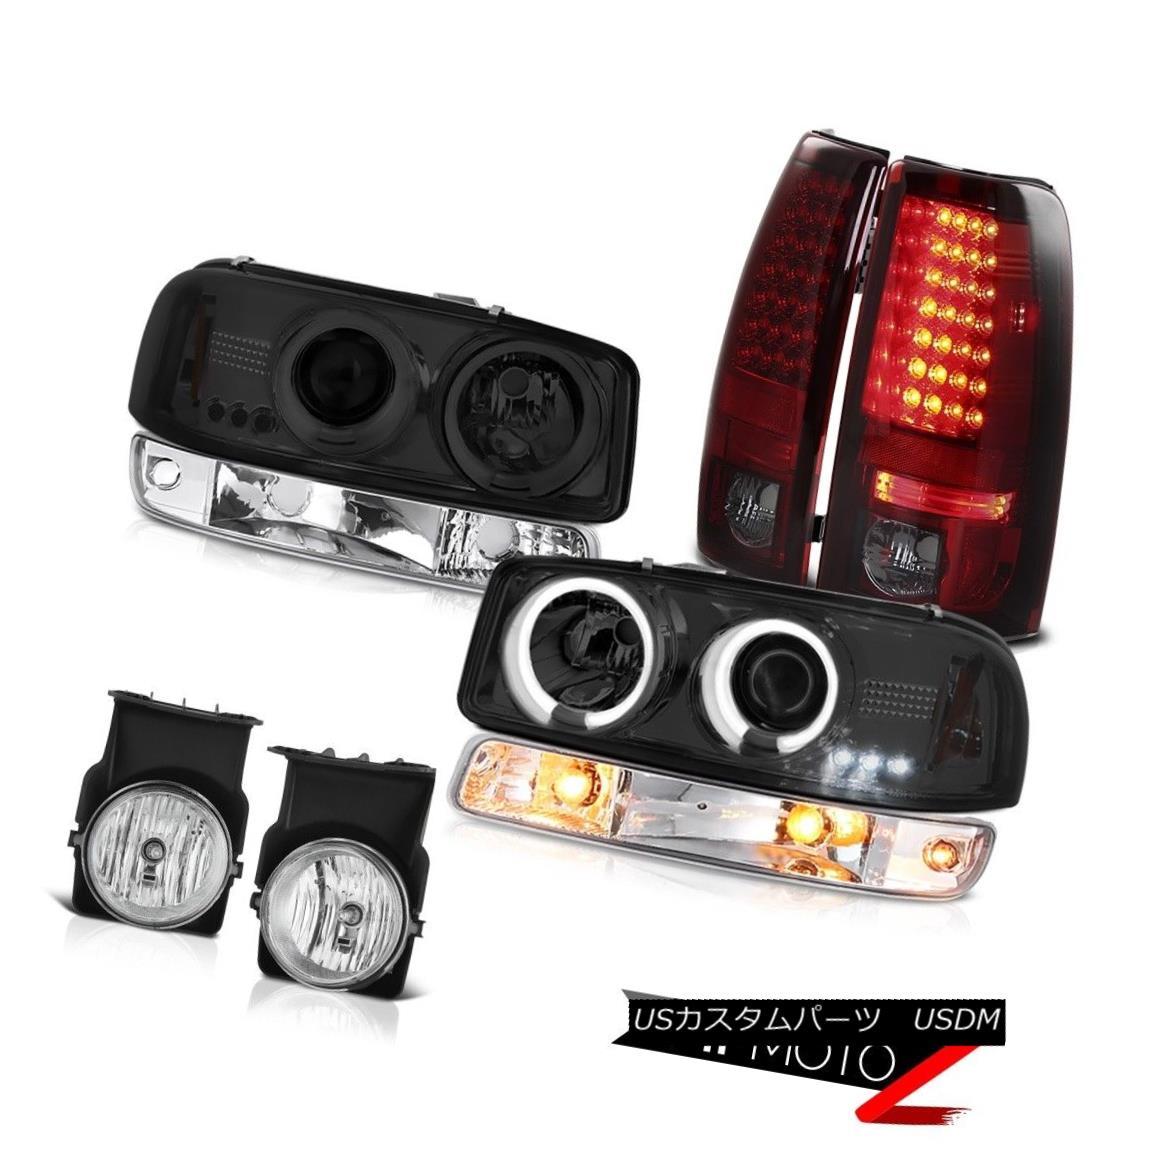 テールライト 03-06 GMC Sierra Chrome fog lights led taillights bumper light ccfl headlights 03-06 GMC Sierra Chromeフォグライトは、テールライトバンパーライトccflヘッドライトを導いた